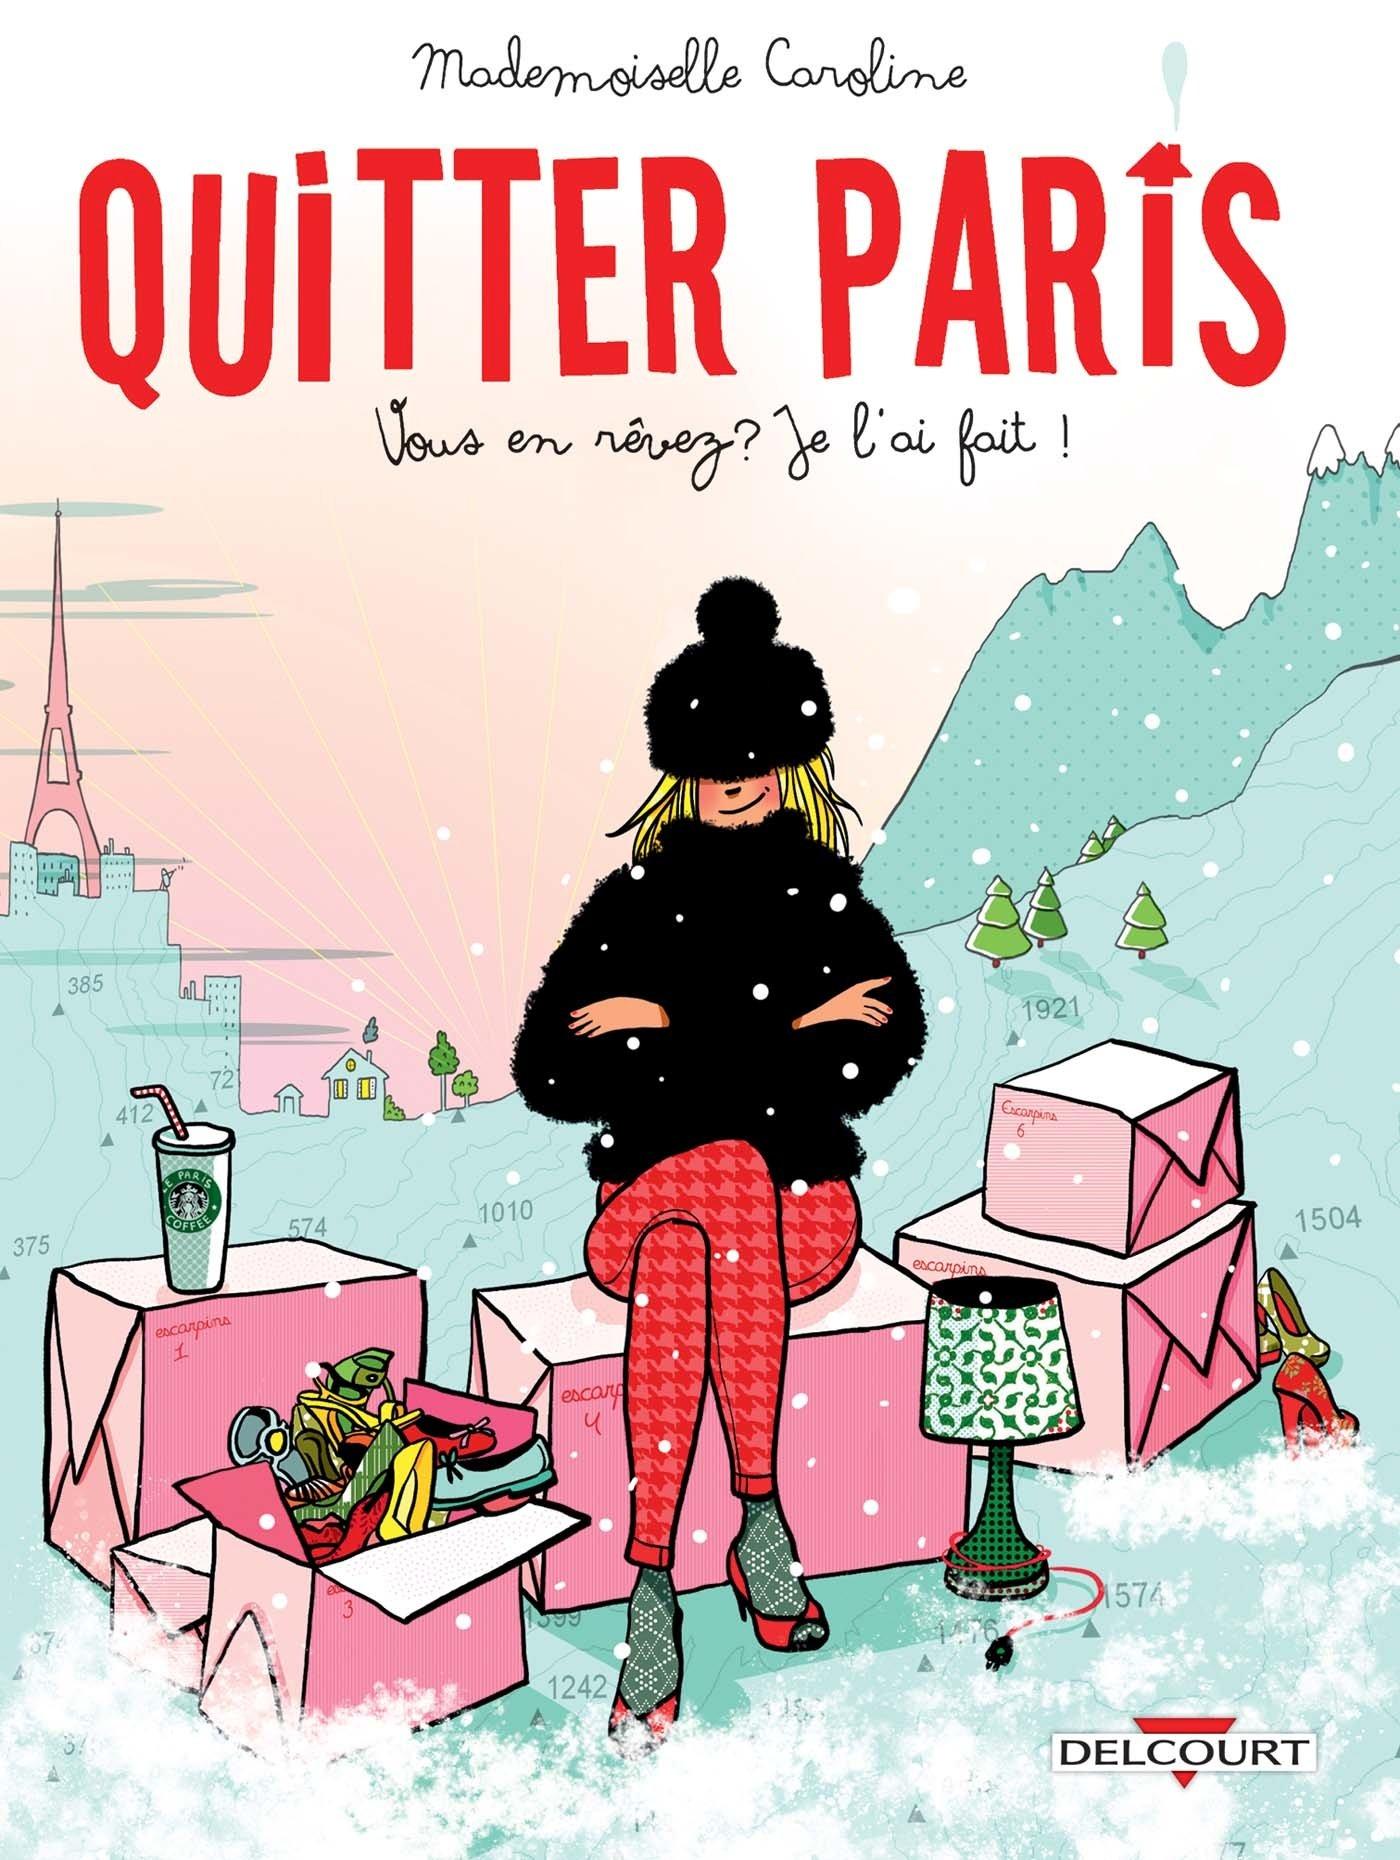 Quitter Paris por Mademoiselle Caroline